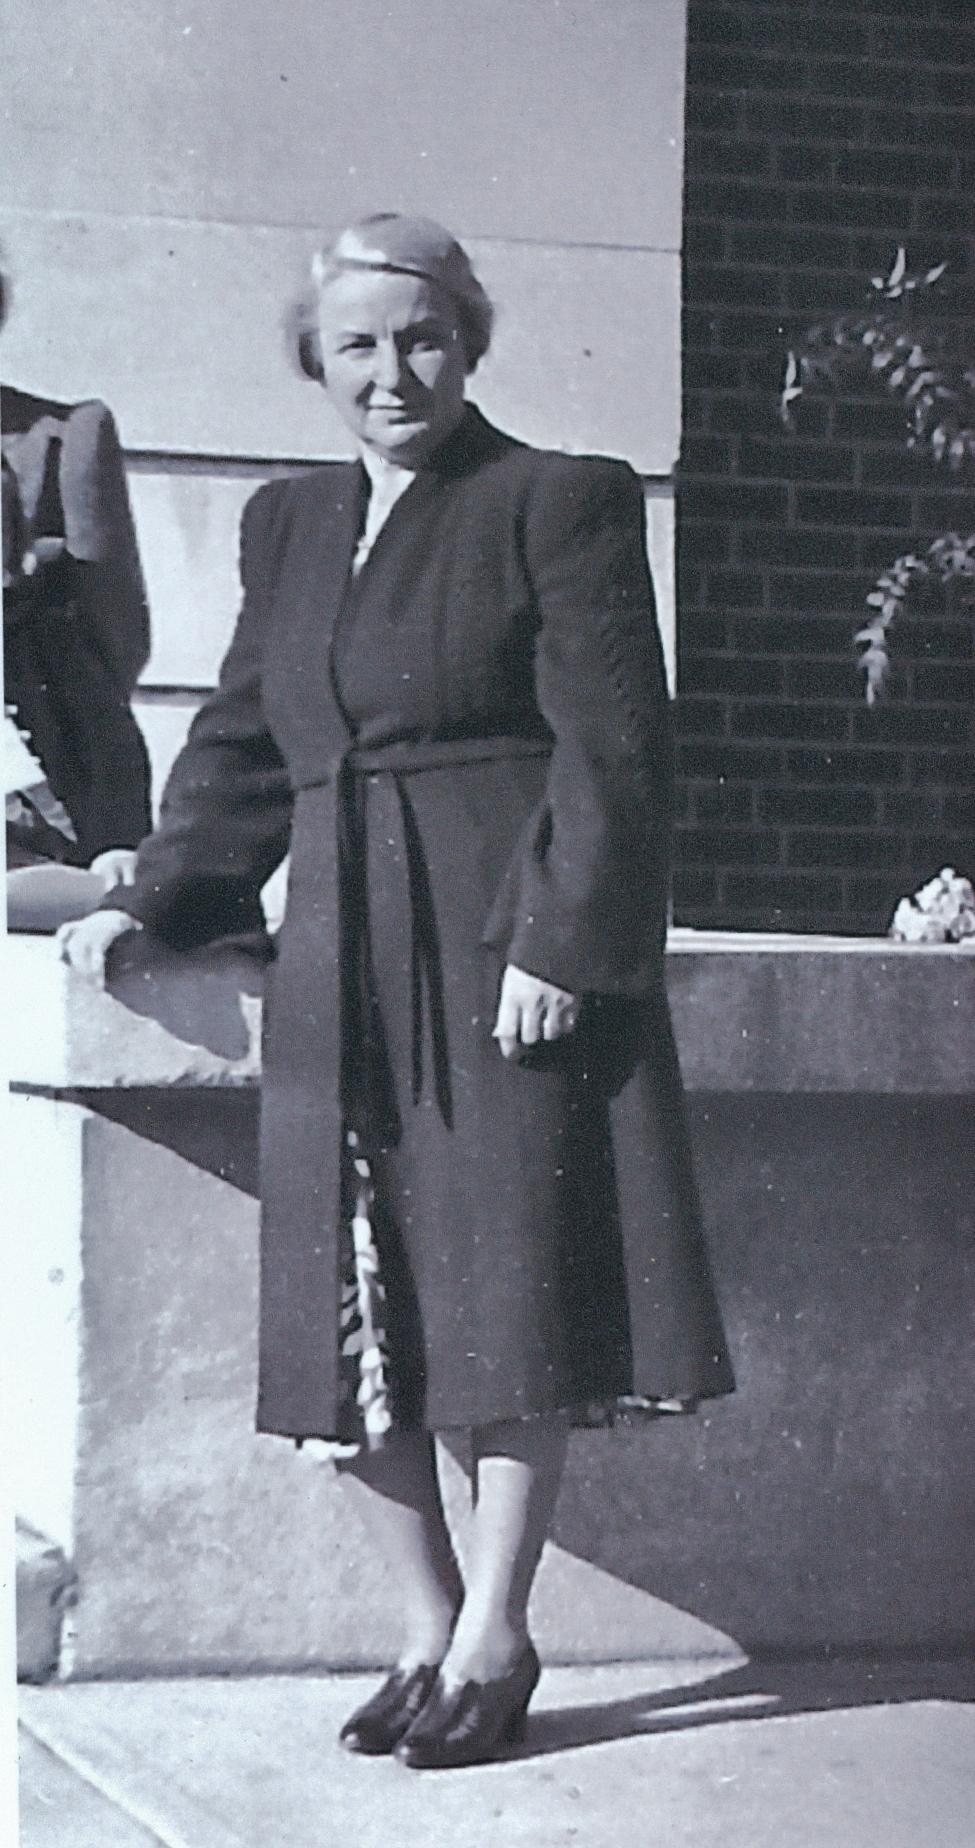 Cora Vansickle